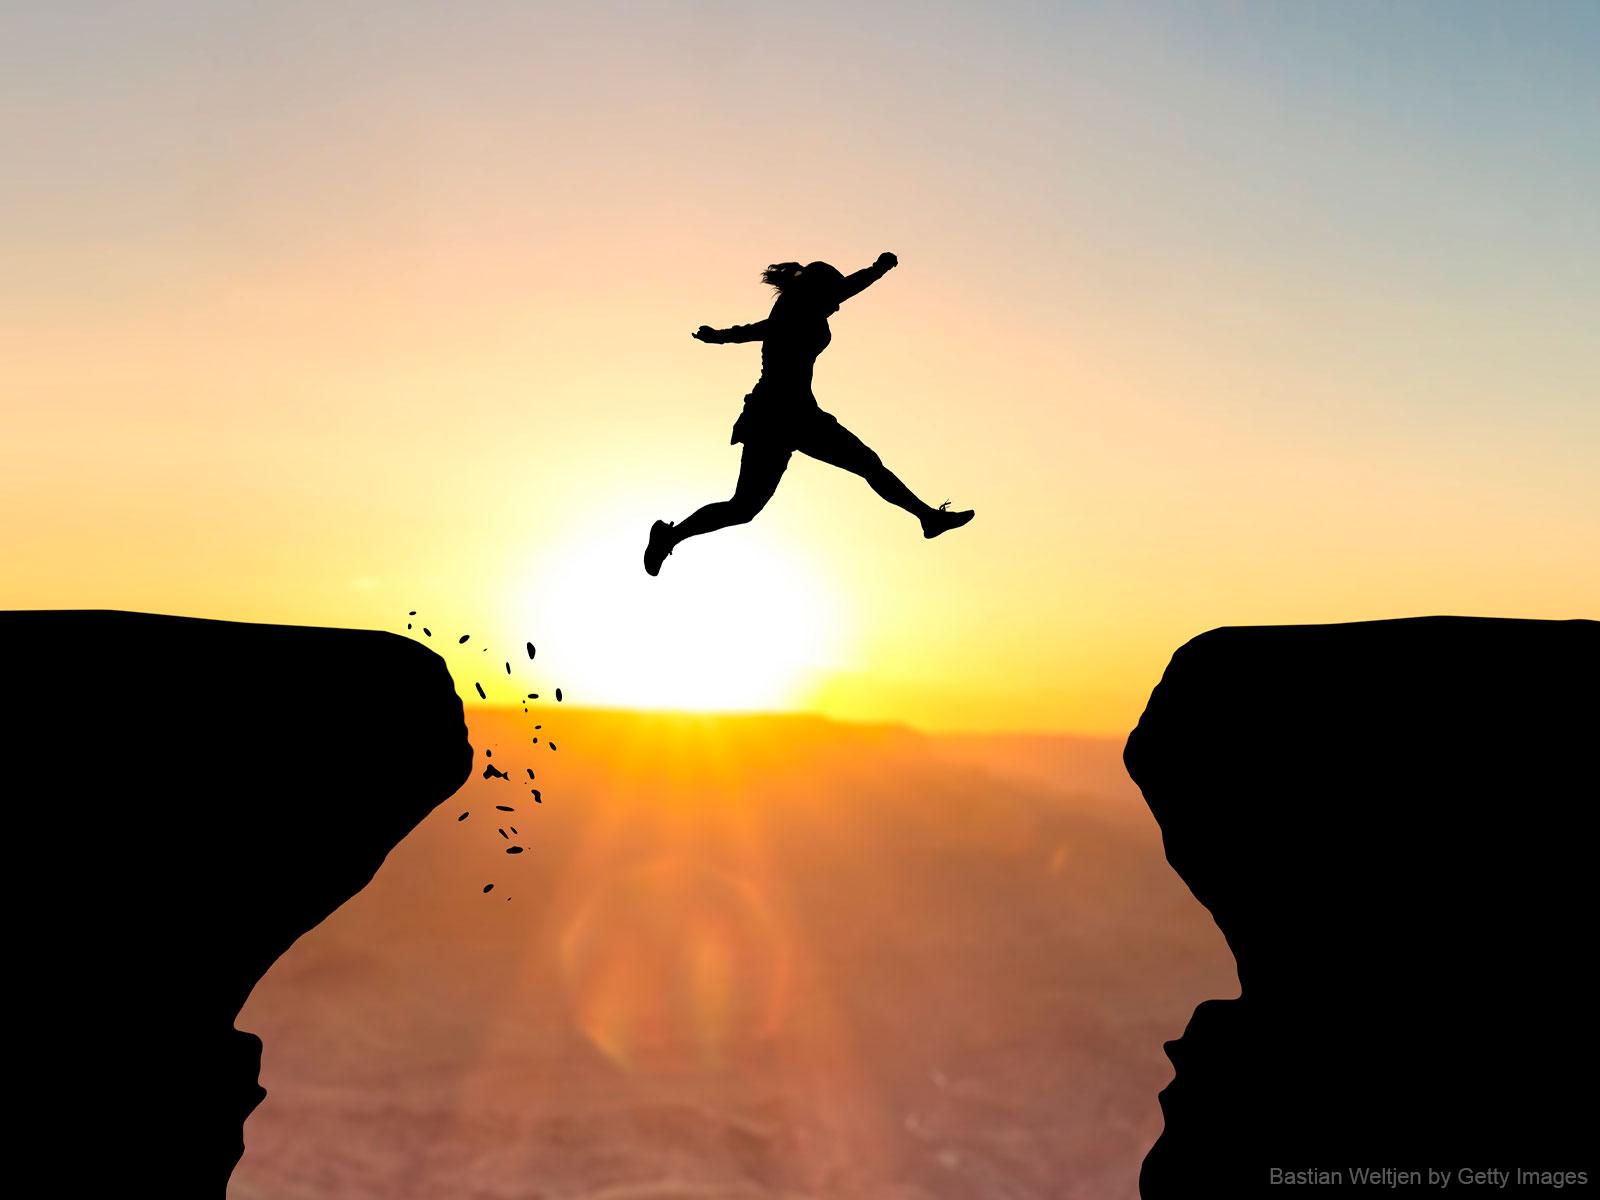 A fé: coragem pra caminhar sem ver